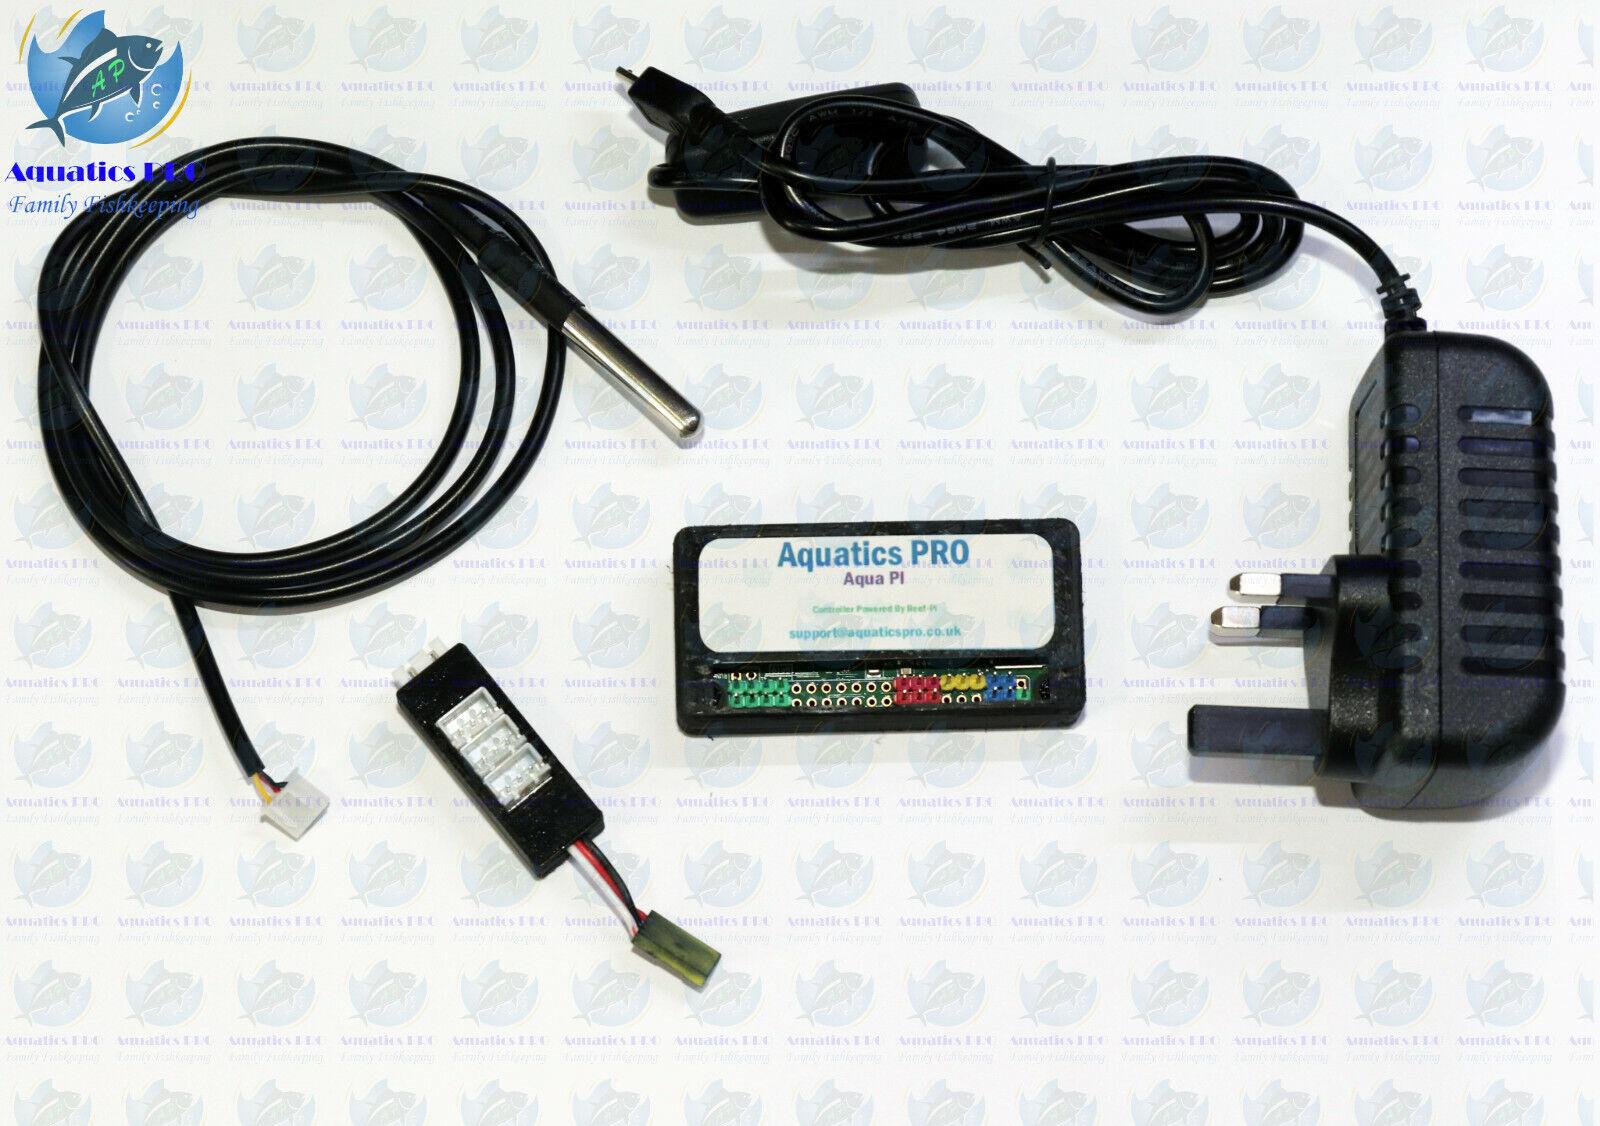 Aqua Pi di baseACQUARIO controller con sensore di temperatura interfaccia web